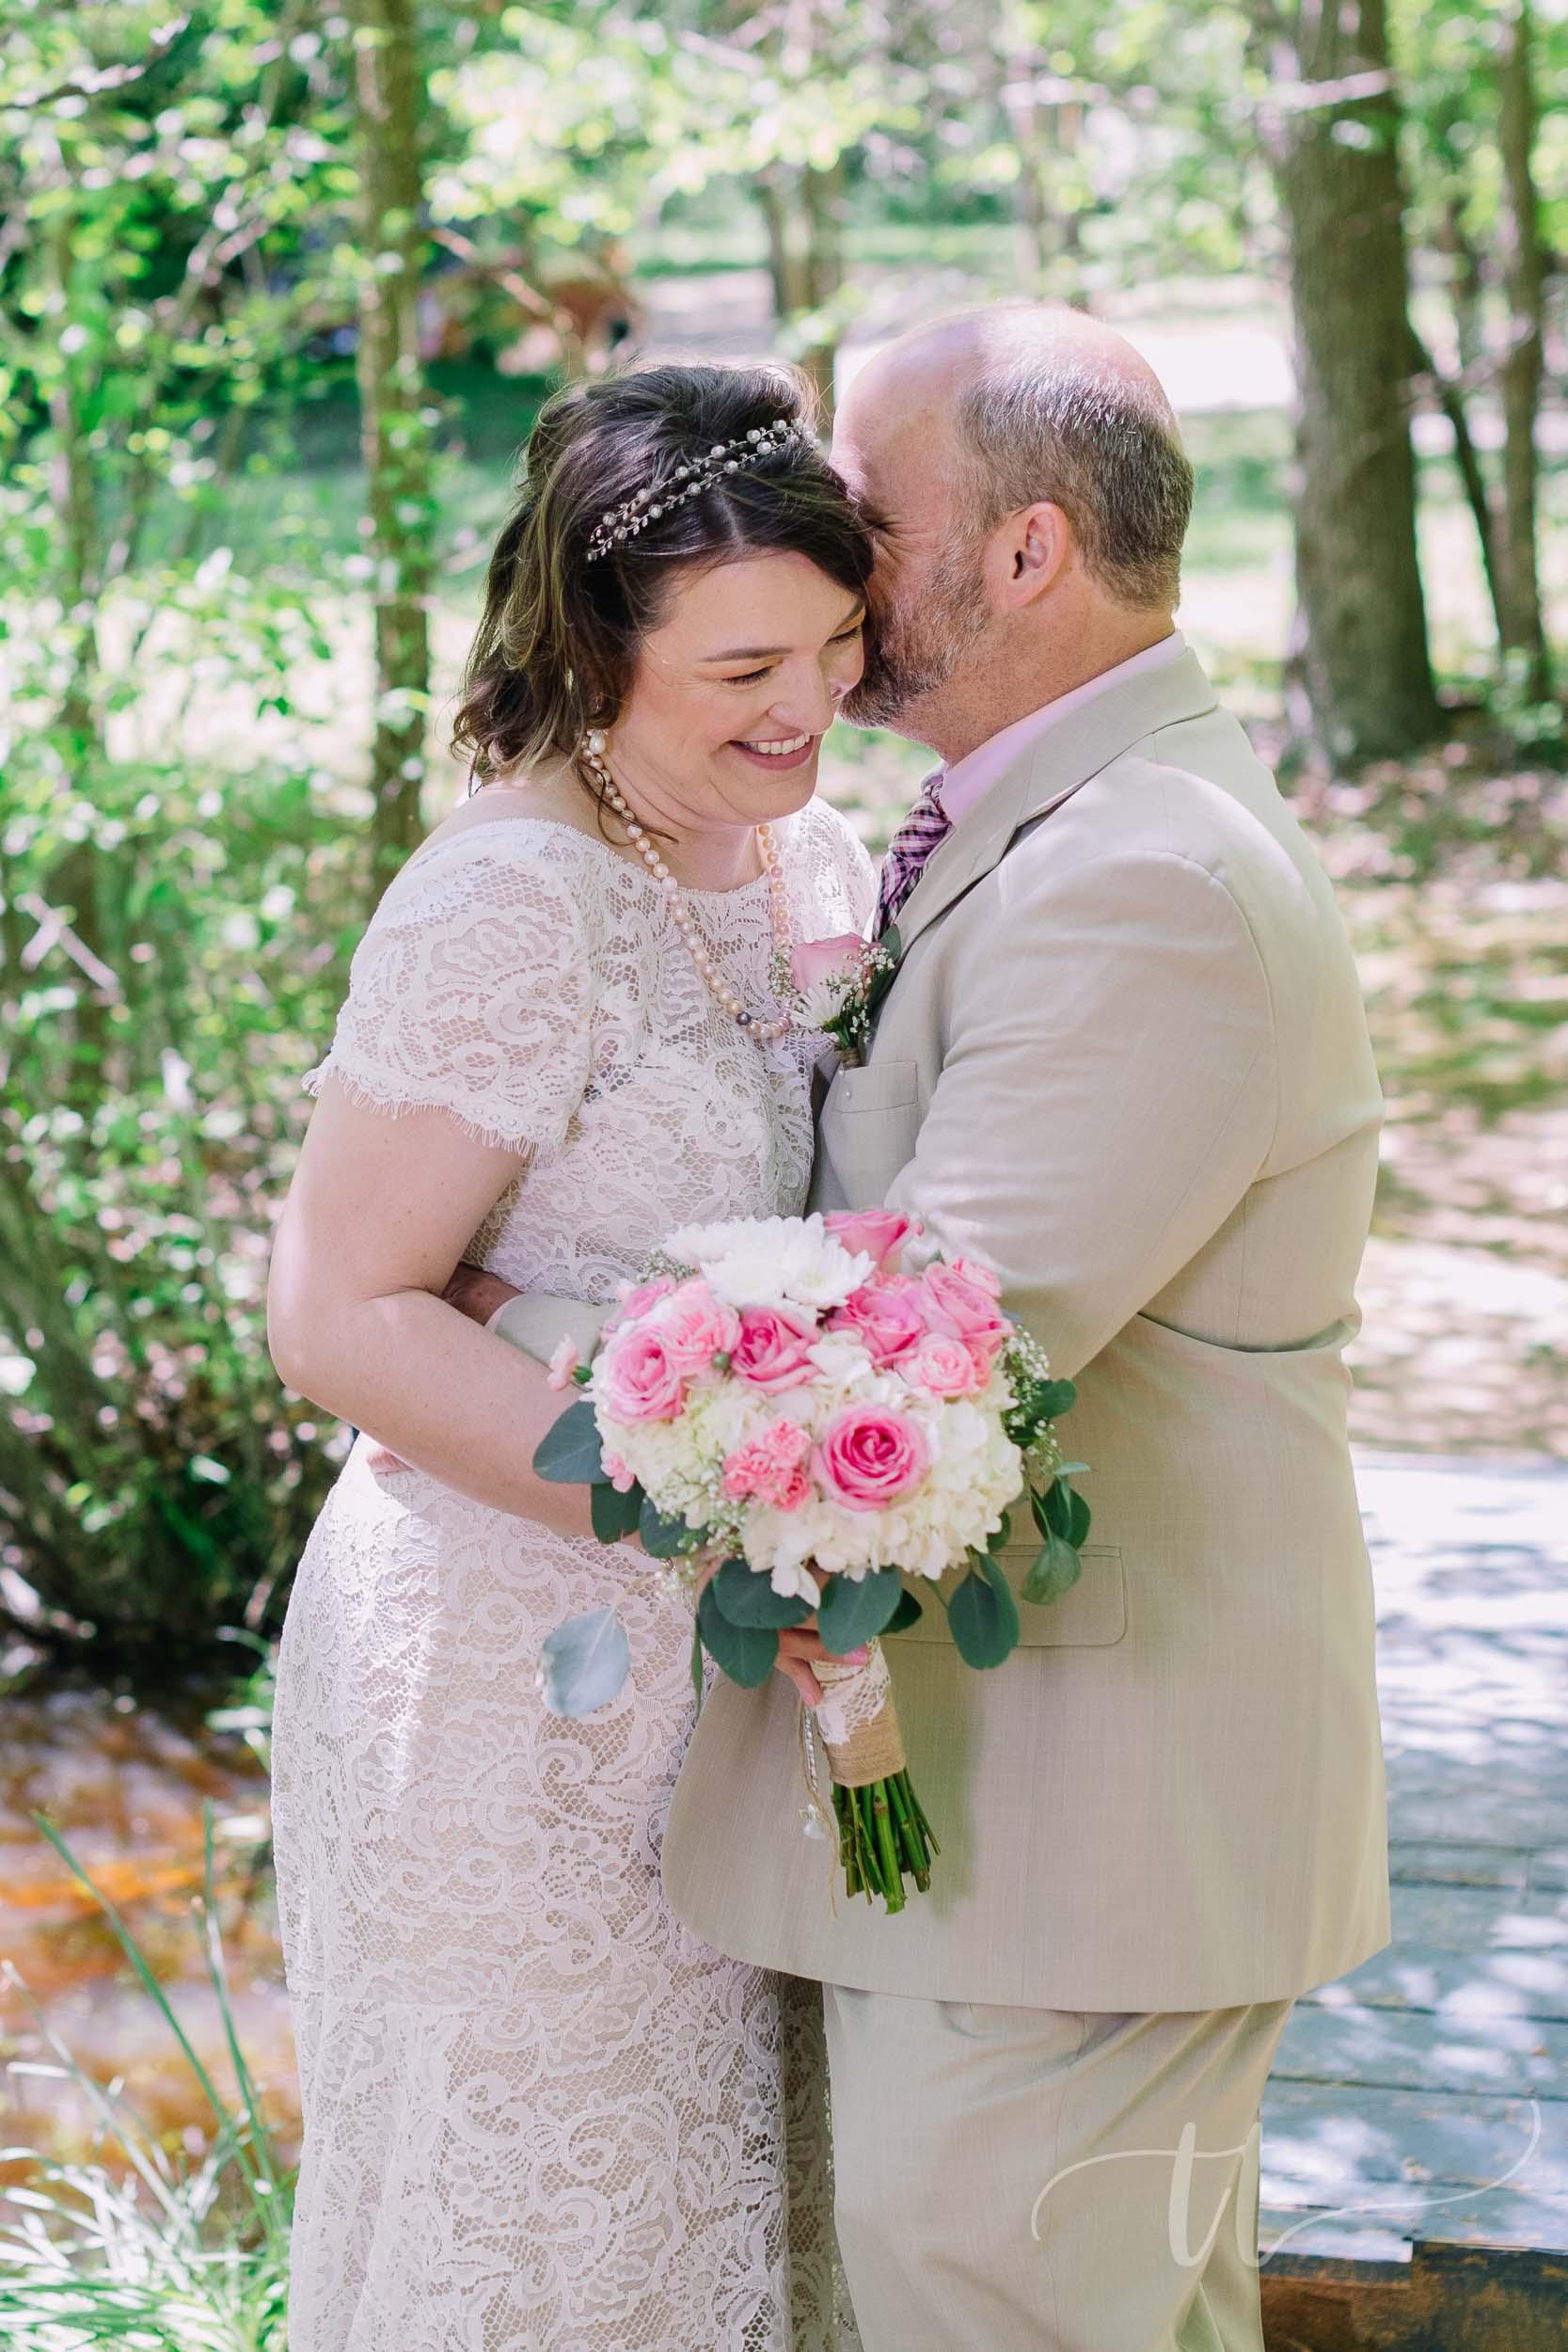 pleasant-garden-wedding-17.jpg